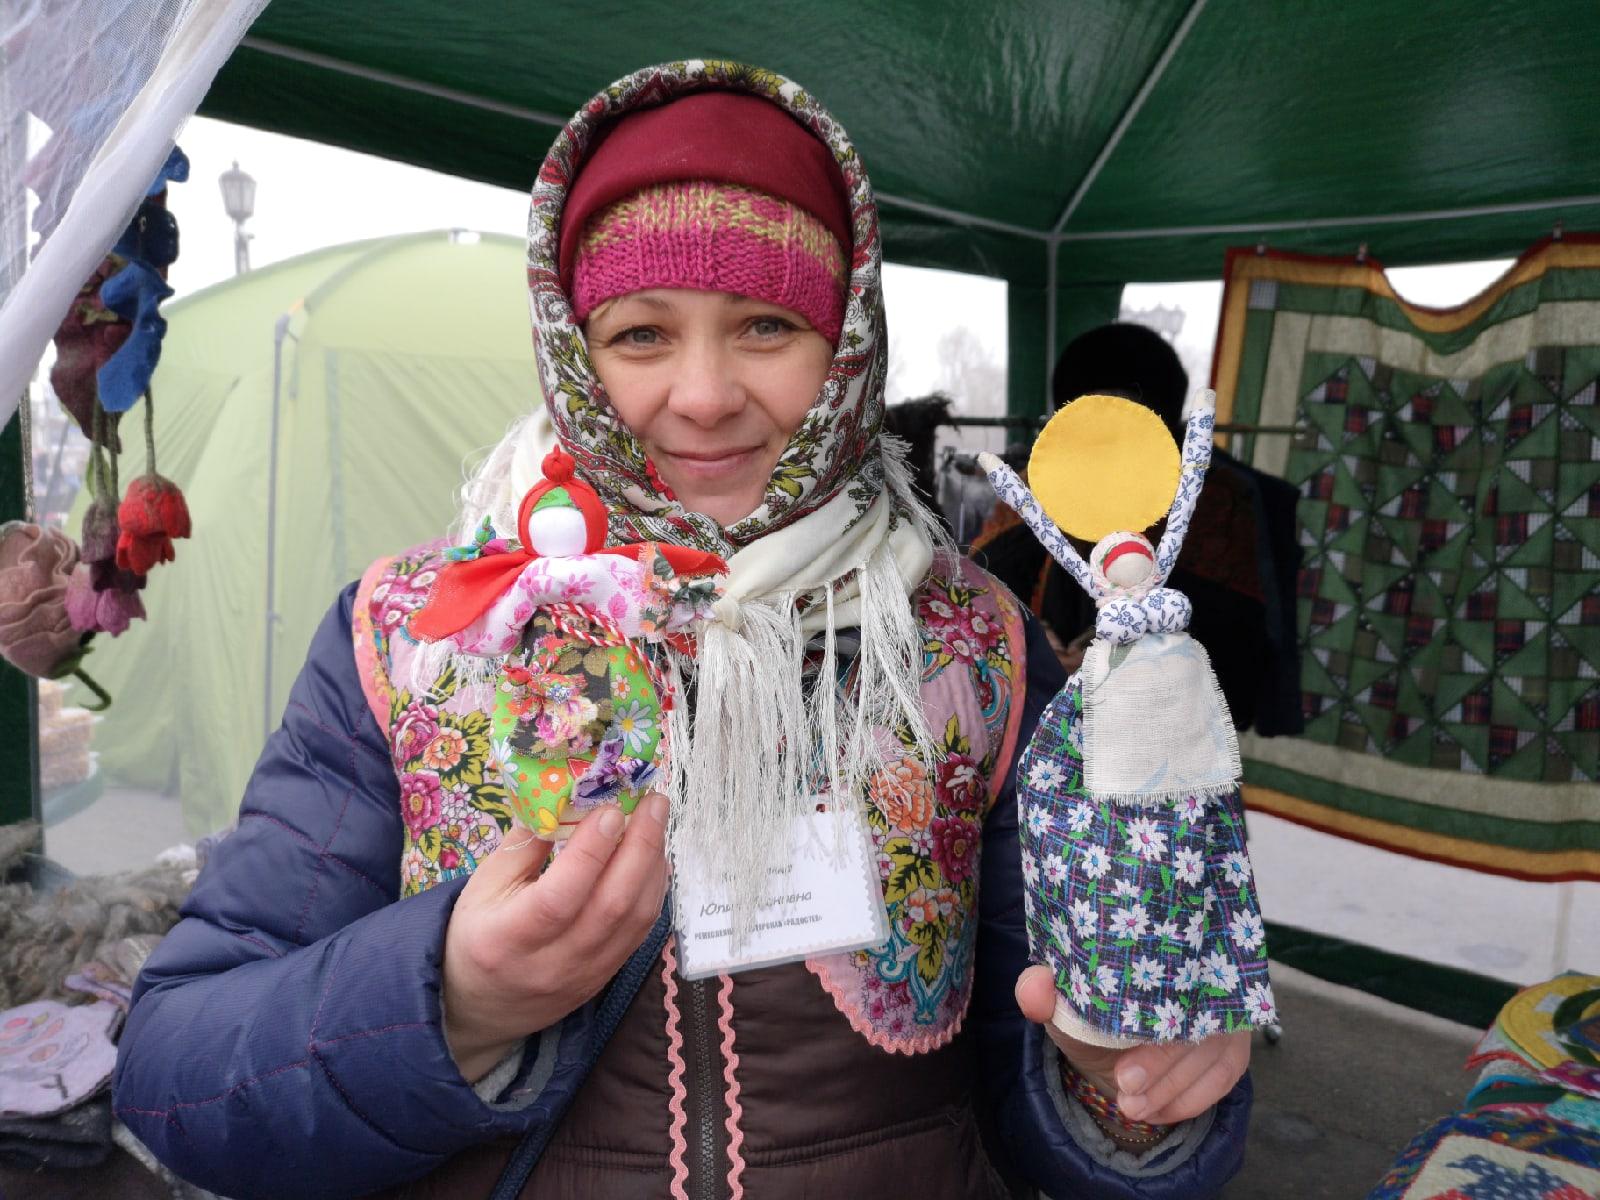 Хозяйку кукольной мастерской зовут Юлия Карандина